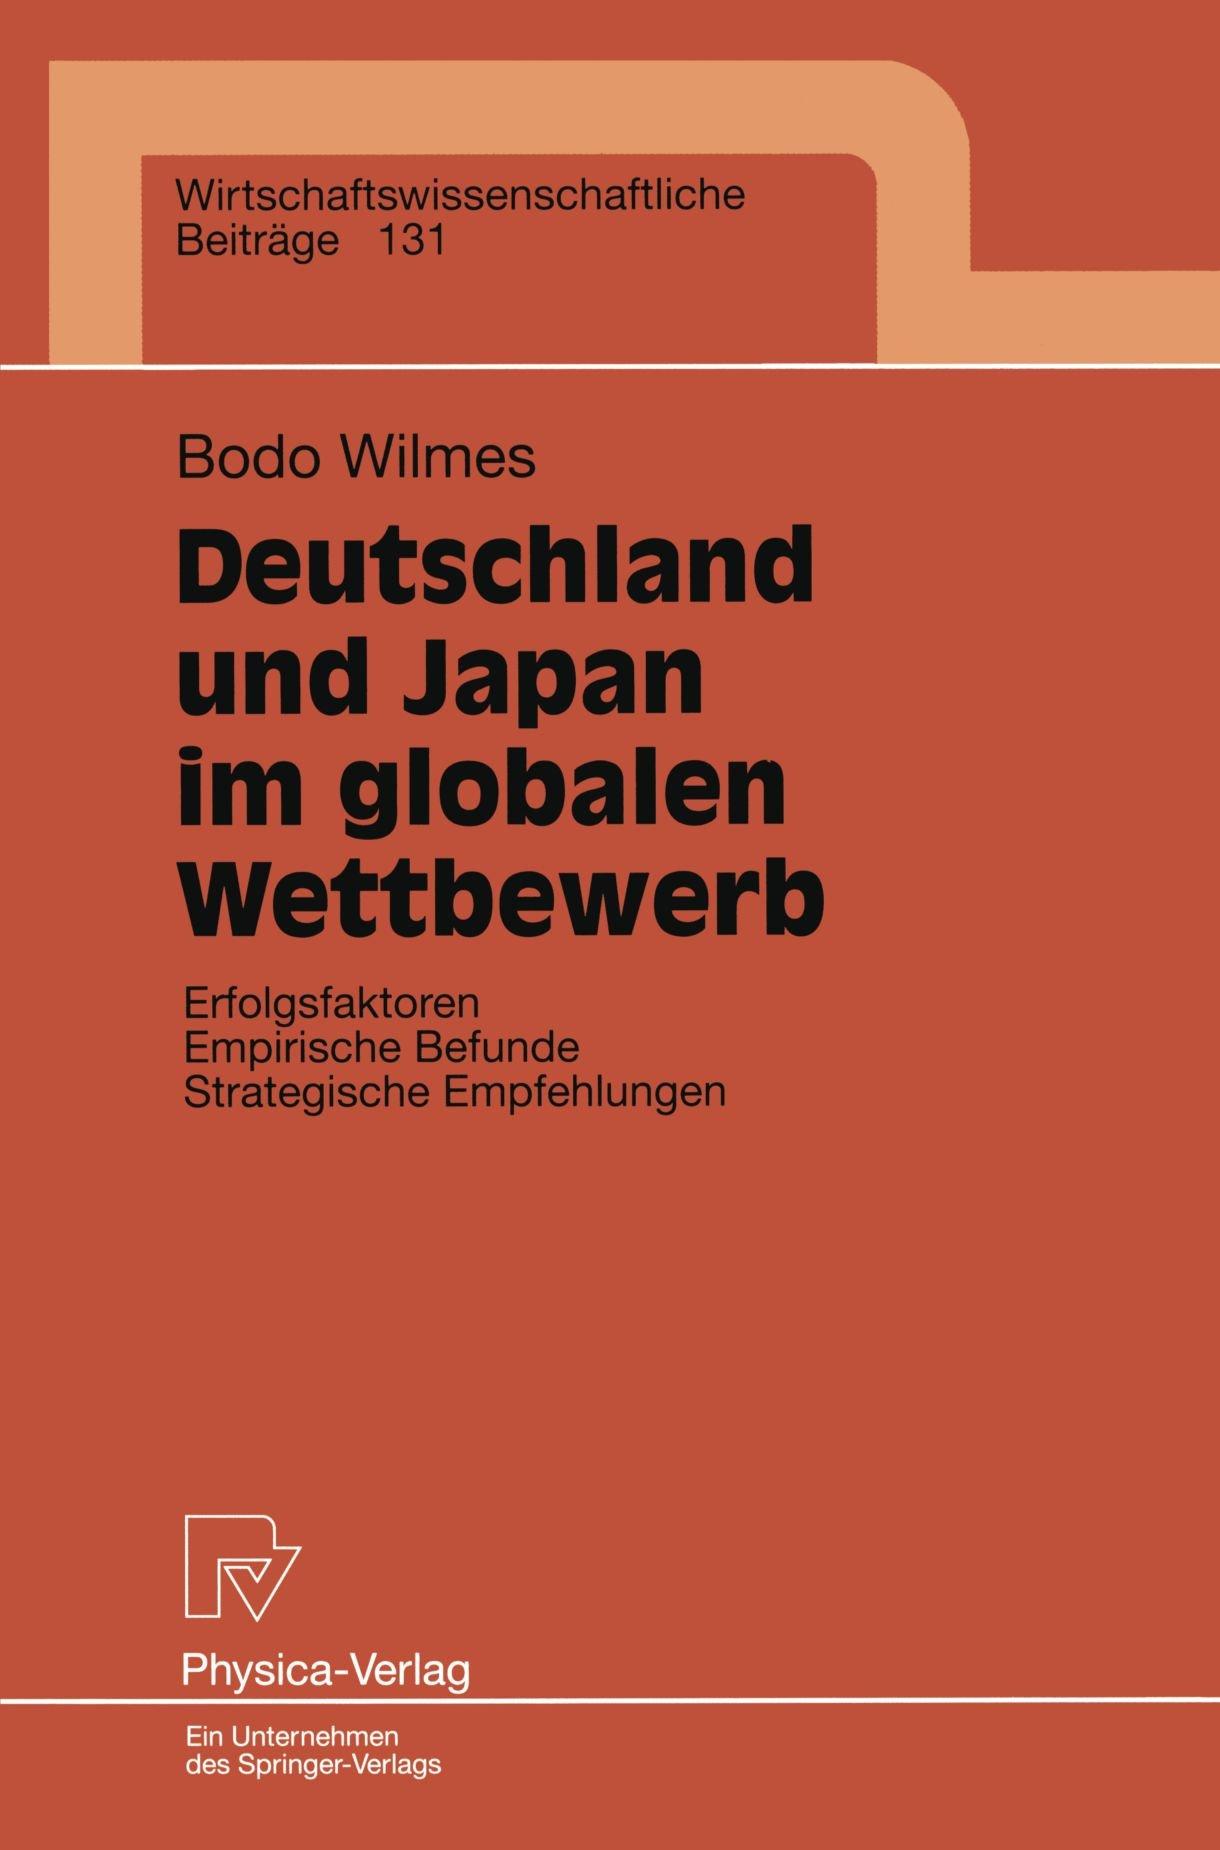 Deutschland und Japan im globalen Wettbewerb: Erfolgsfaktoren Empirische Befunde Strategische Empfehlungen (Wirtschaftswissenschaftliche Beiträge) (German Edition) by Bodo Wilmes